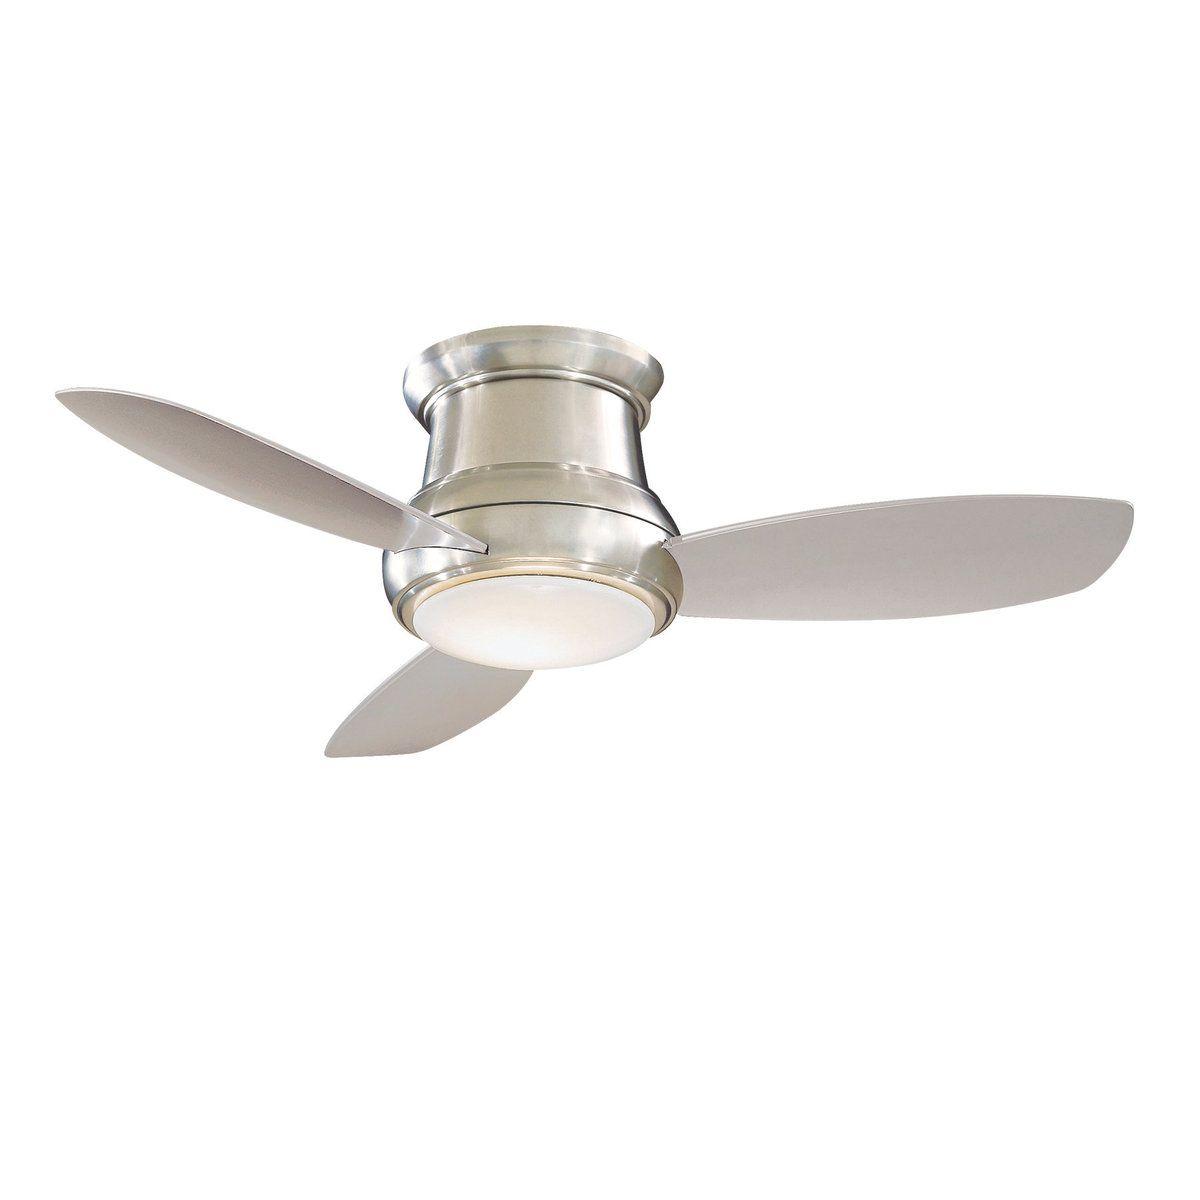 44 Low Ceiling Led Scoop Fan In 2021 Low Ceiling Led Light Kits Fan